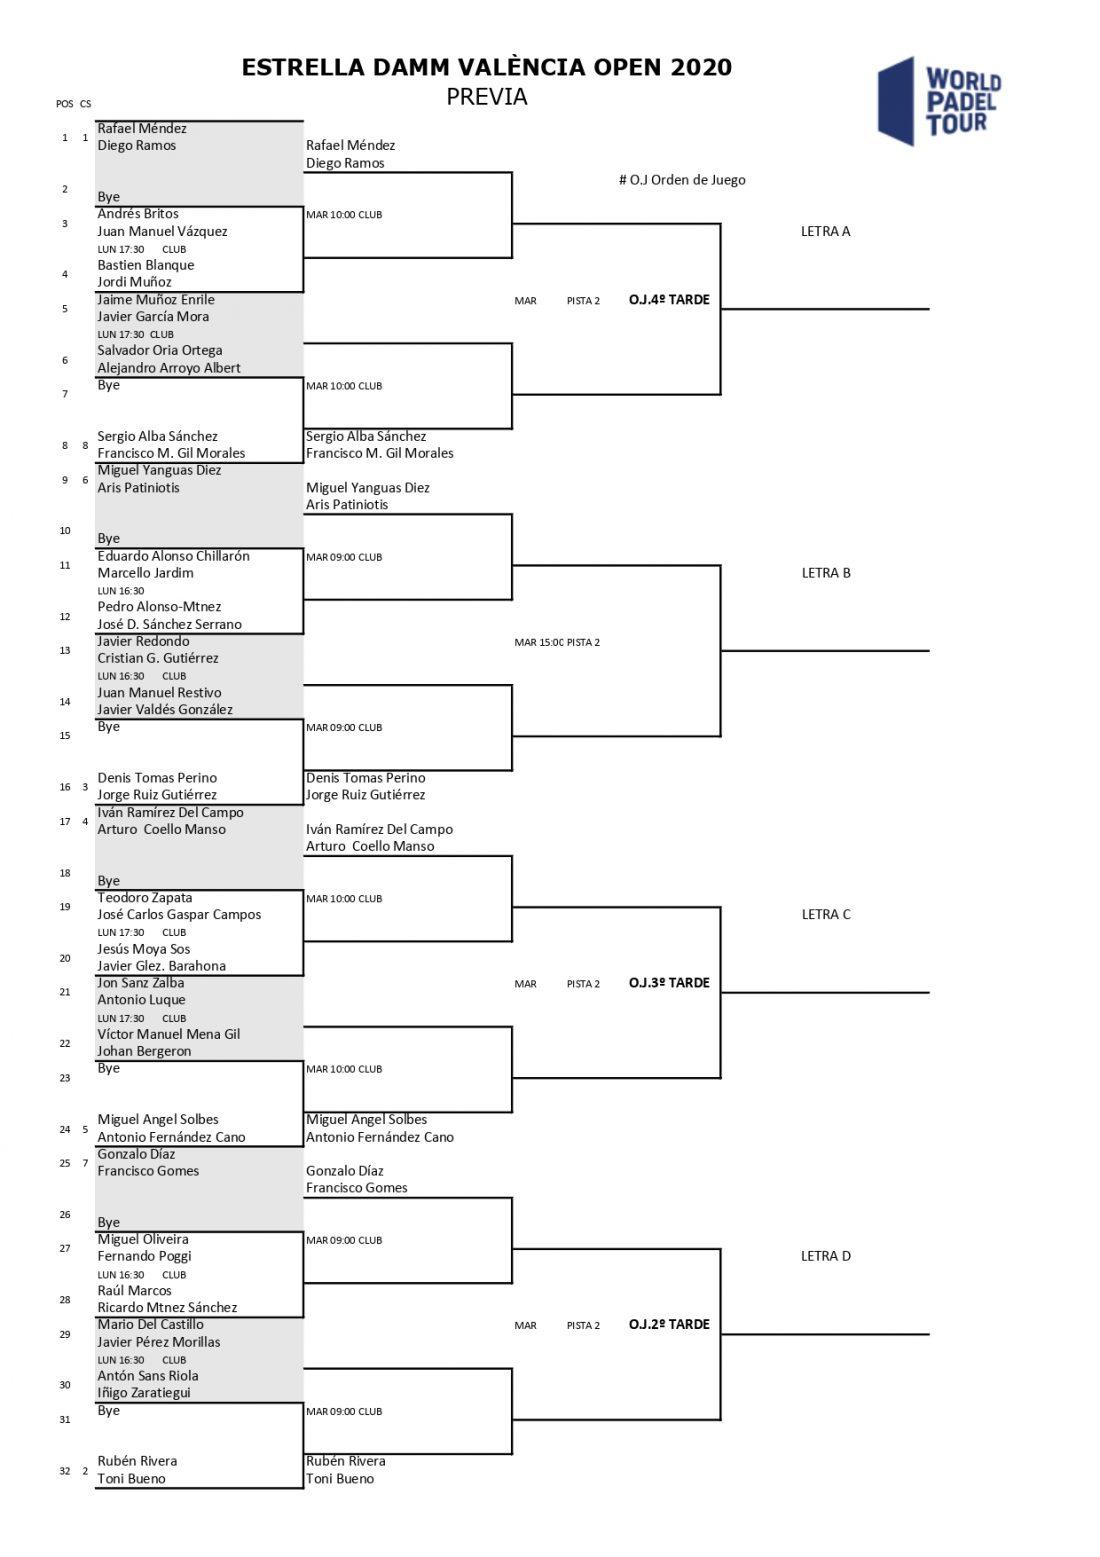 Cuadro de la fase previa del Estrella Damm Valencia Open